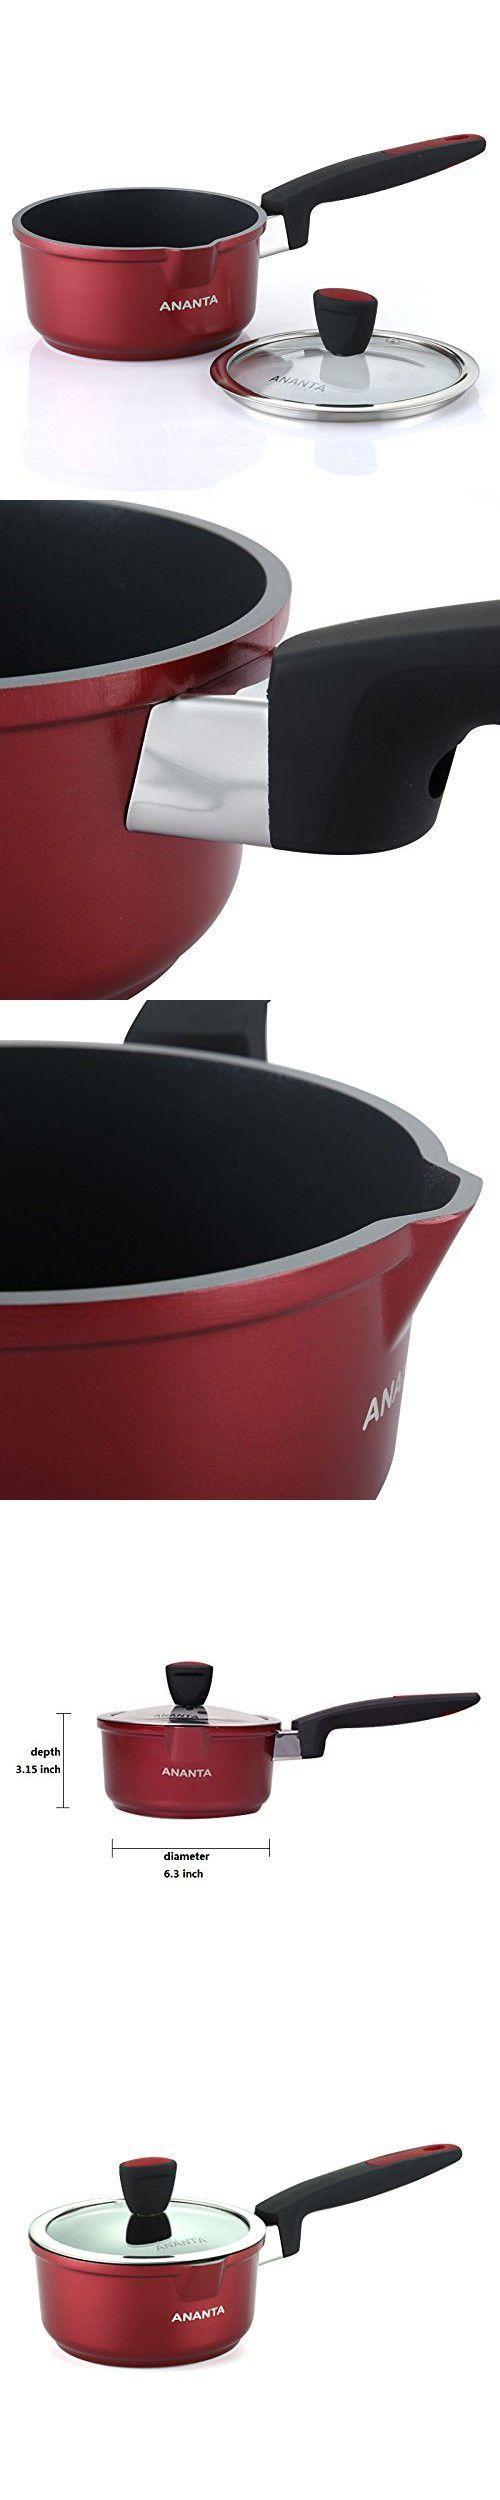 ANANTA Specialty Nonstick Handy Pot EN601 Food Grade Aluminium Alloy Milk Pan With Glass Lid Cookware,1-1/4-Quart Stockpot,1-Piece Butter Warmer,Red Saucepan